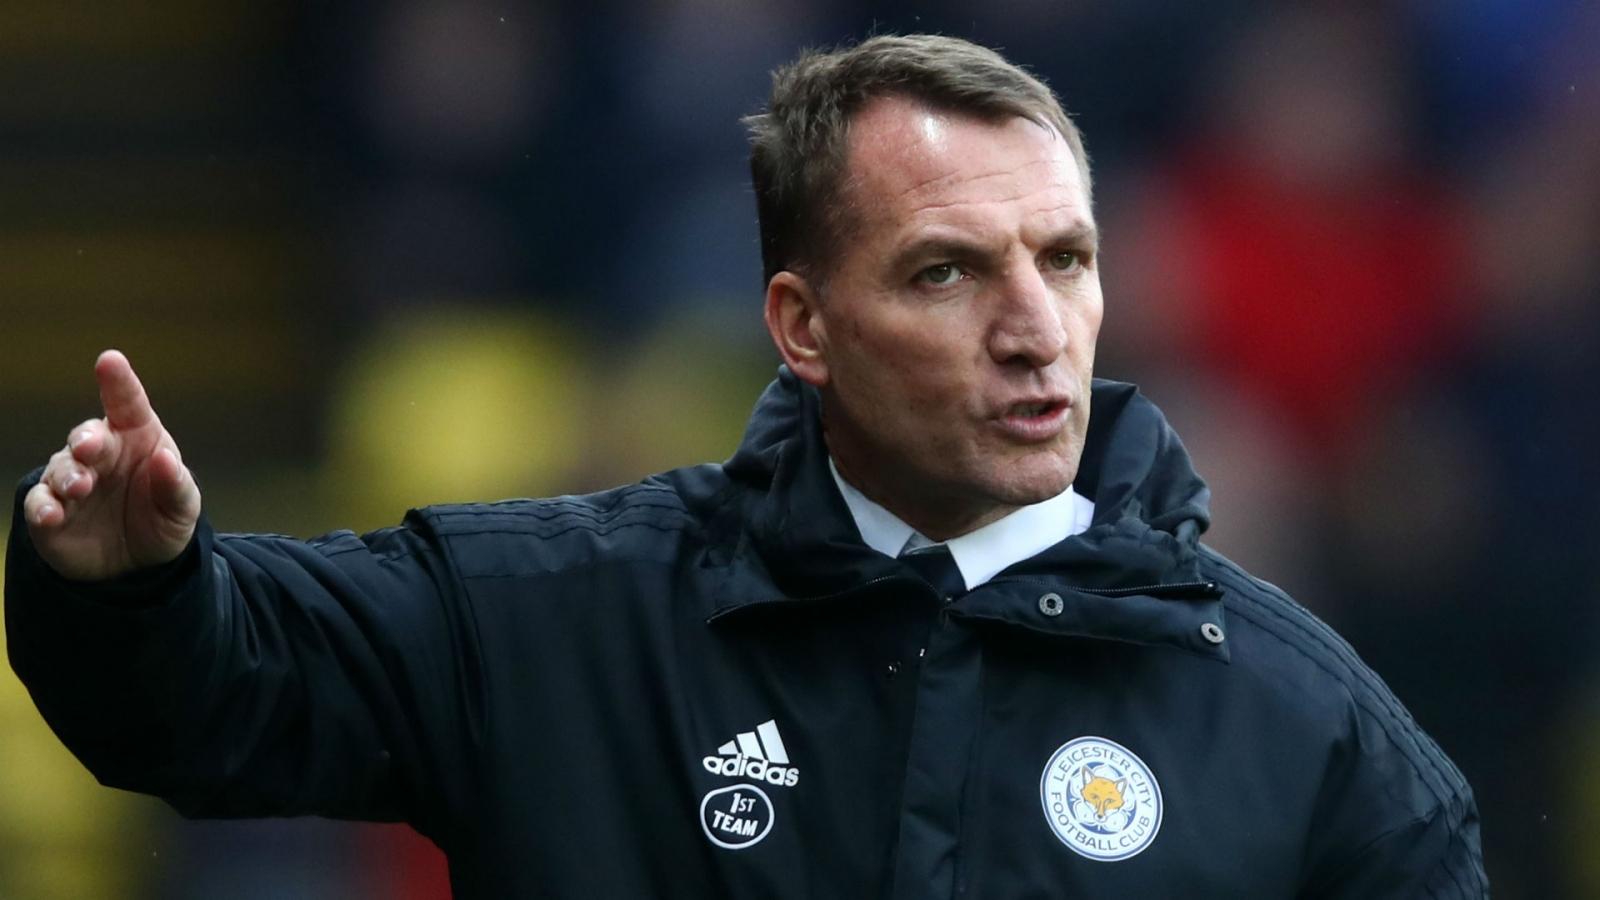 Vòng 38 Ngoại hạng Anh: Leicester City khó thoát khỏi bi kịch?